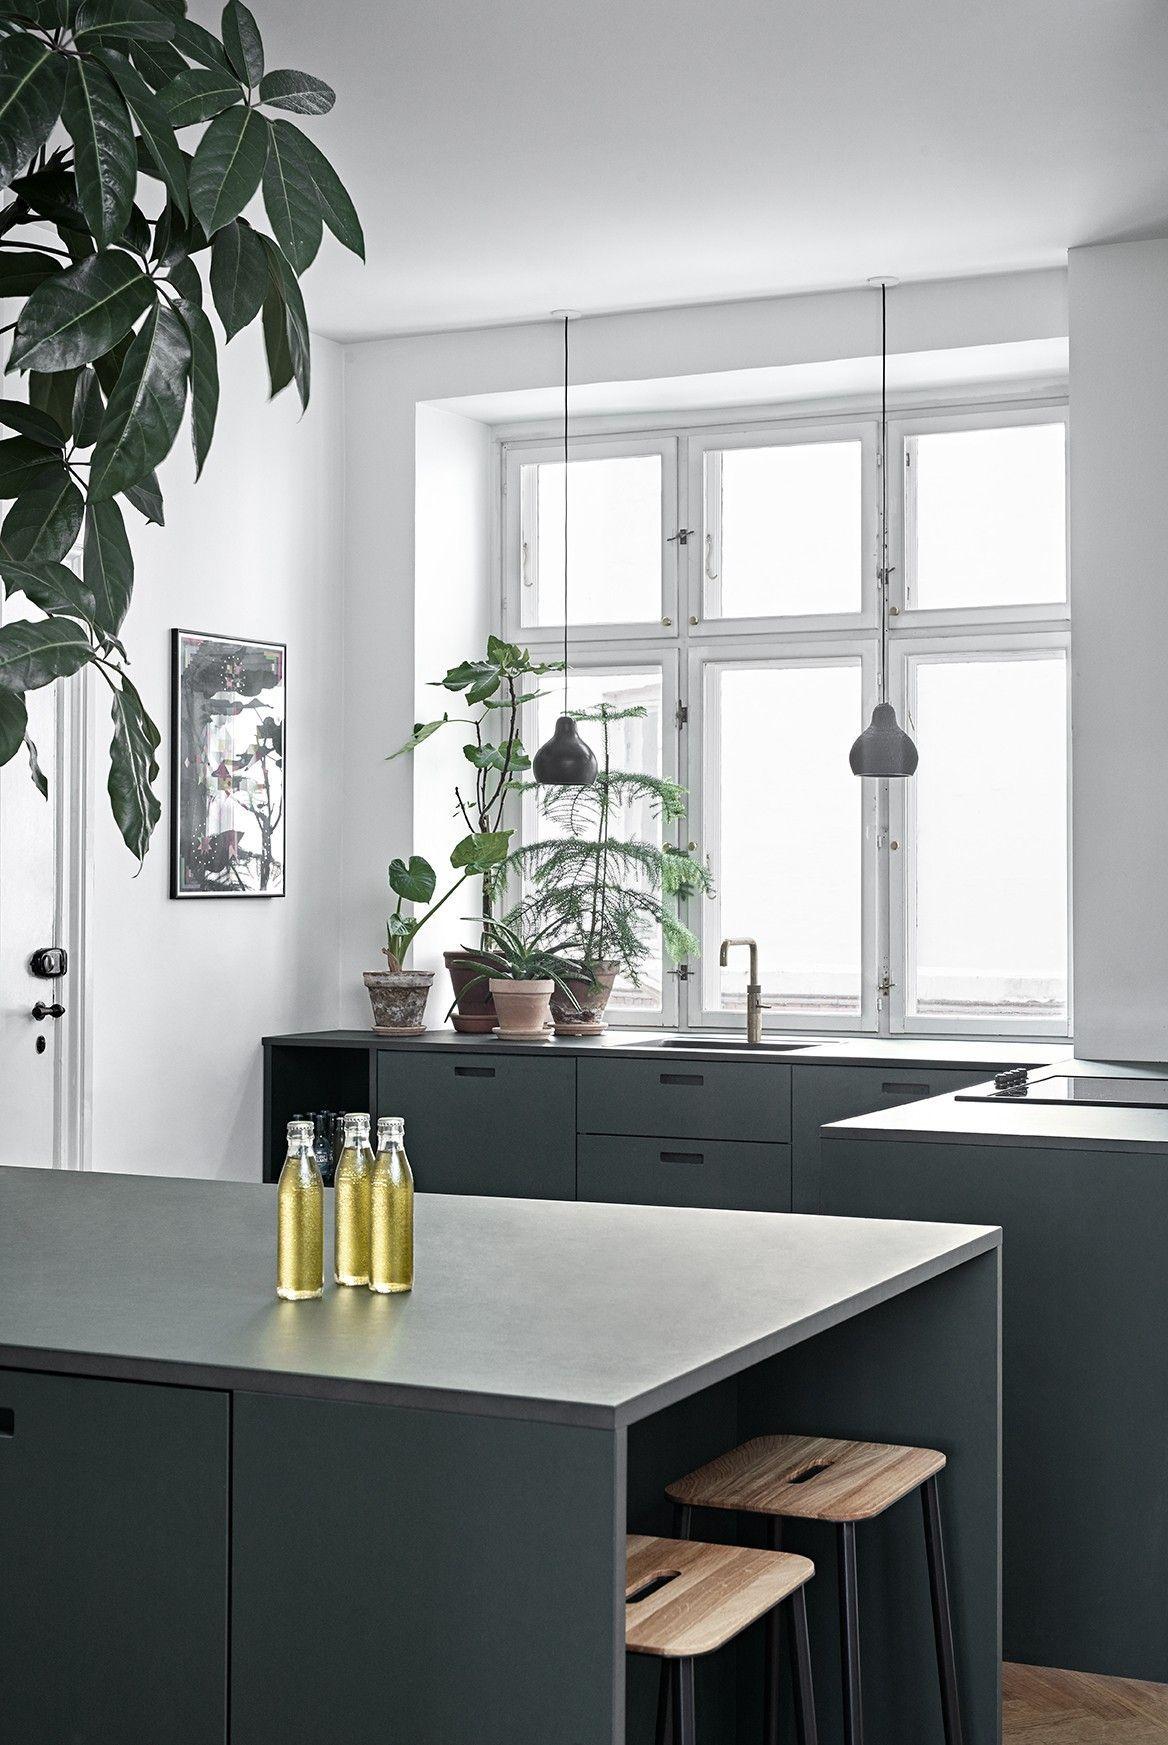 Photo of Cucina moderna con isola cucina e sgabelli da bar | #connox #beunique #greykitche …